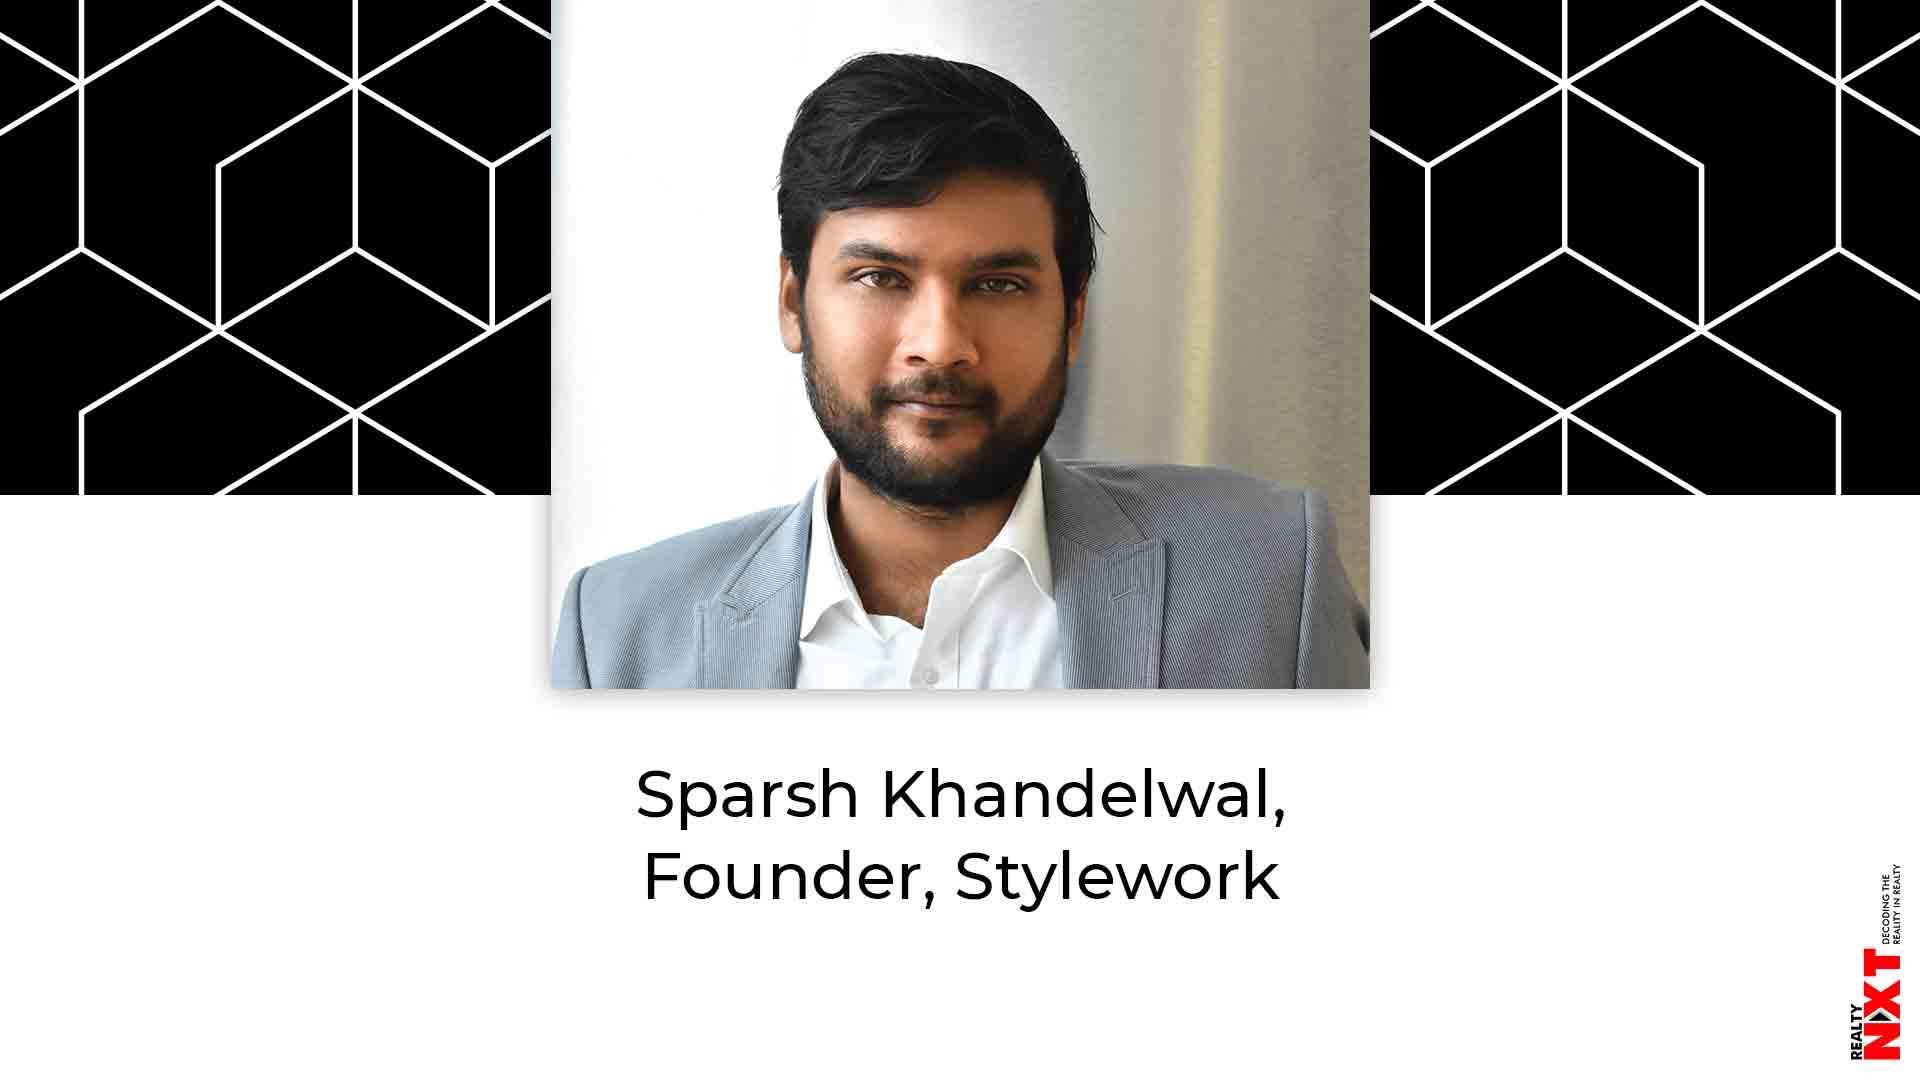 Sparsh Khandelwal